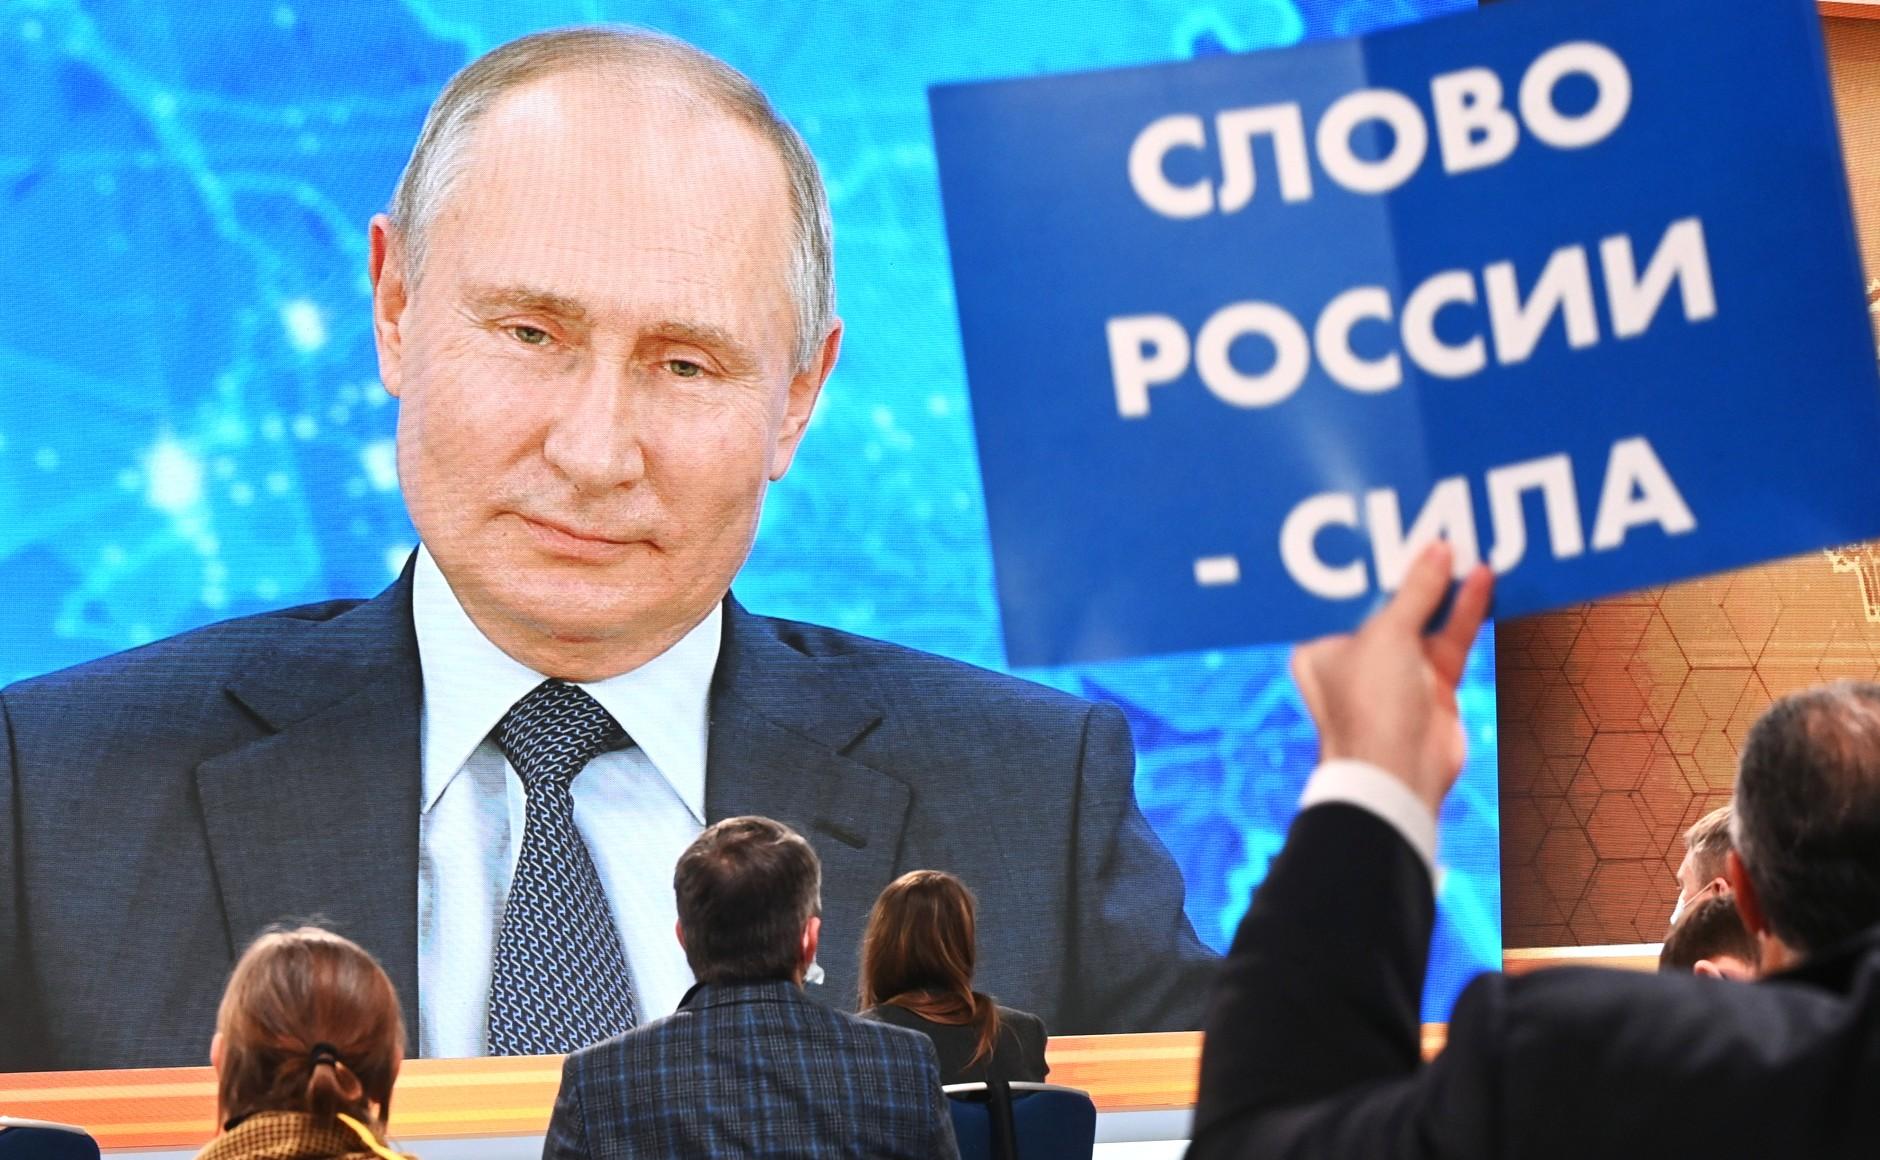 RUSSIE 17.12.2020.CONFERENCE 29 XX 66 Avant le début de la conférence de presse annuelle de Vladimir Poutine.